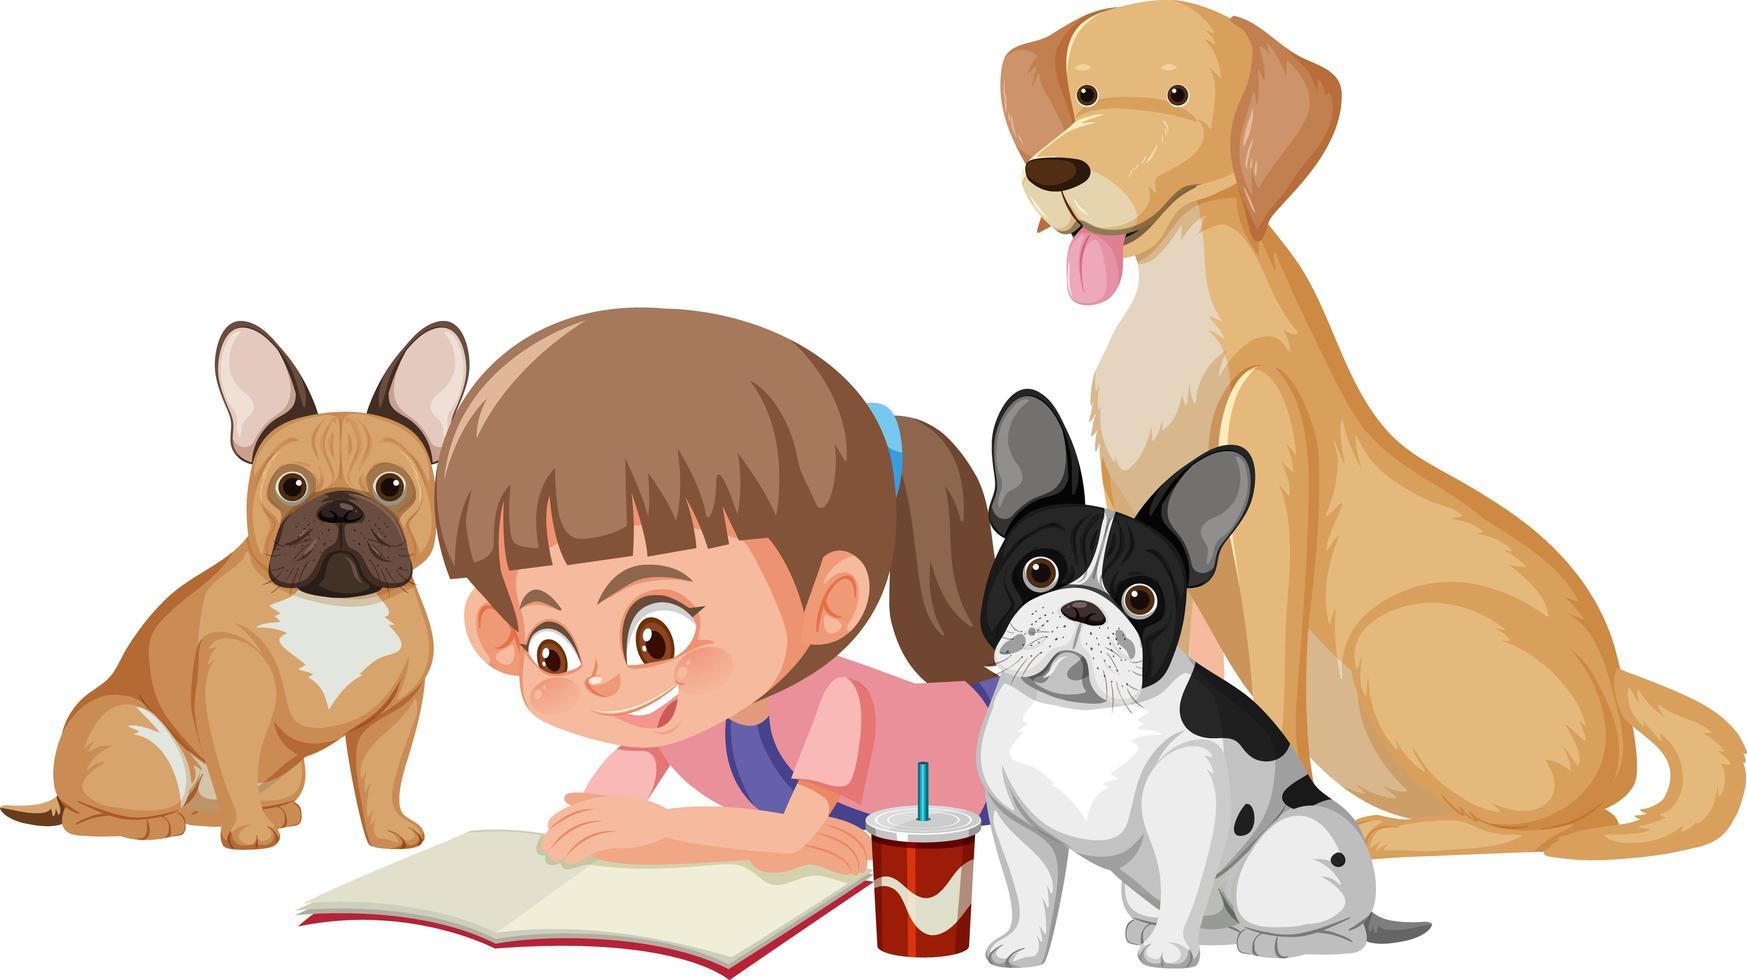 een meisje speelt met schattige honden op witte achtergrond vector